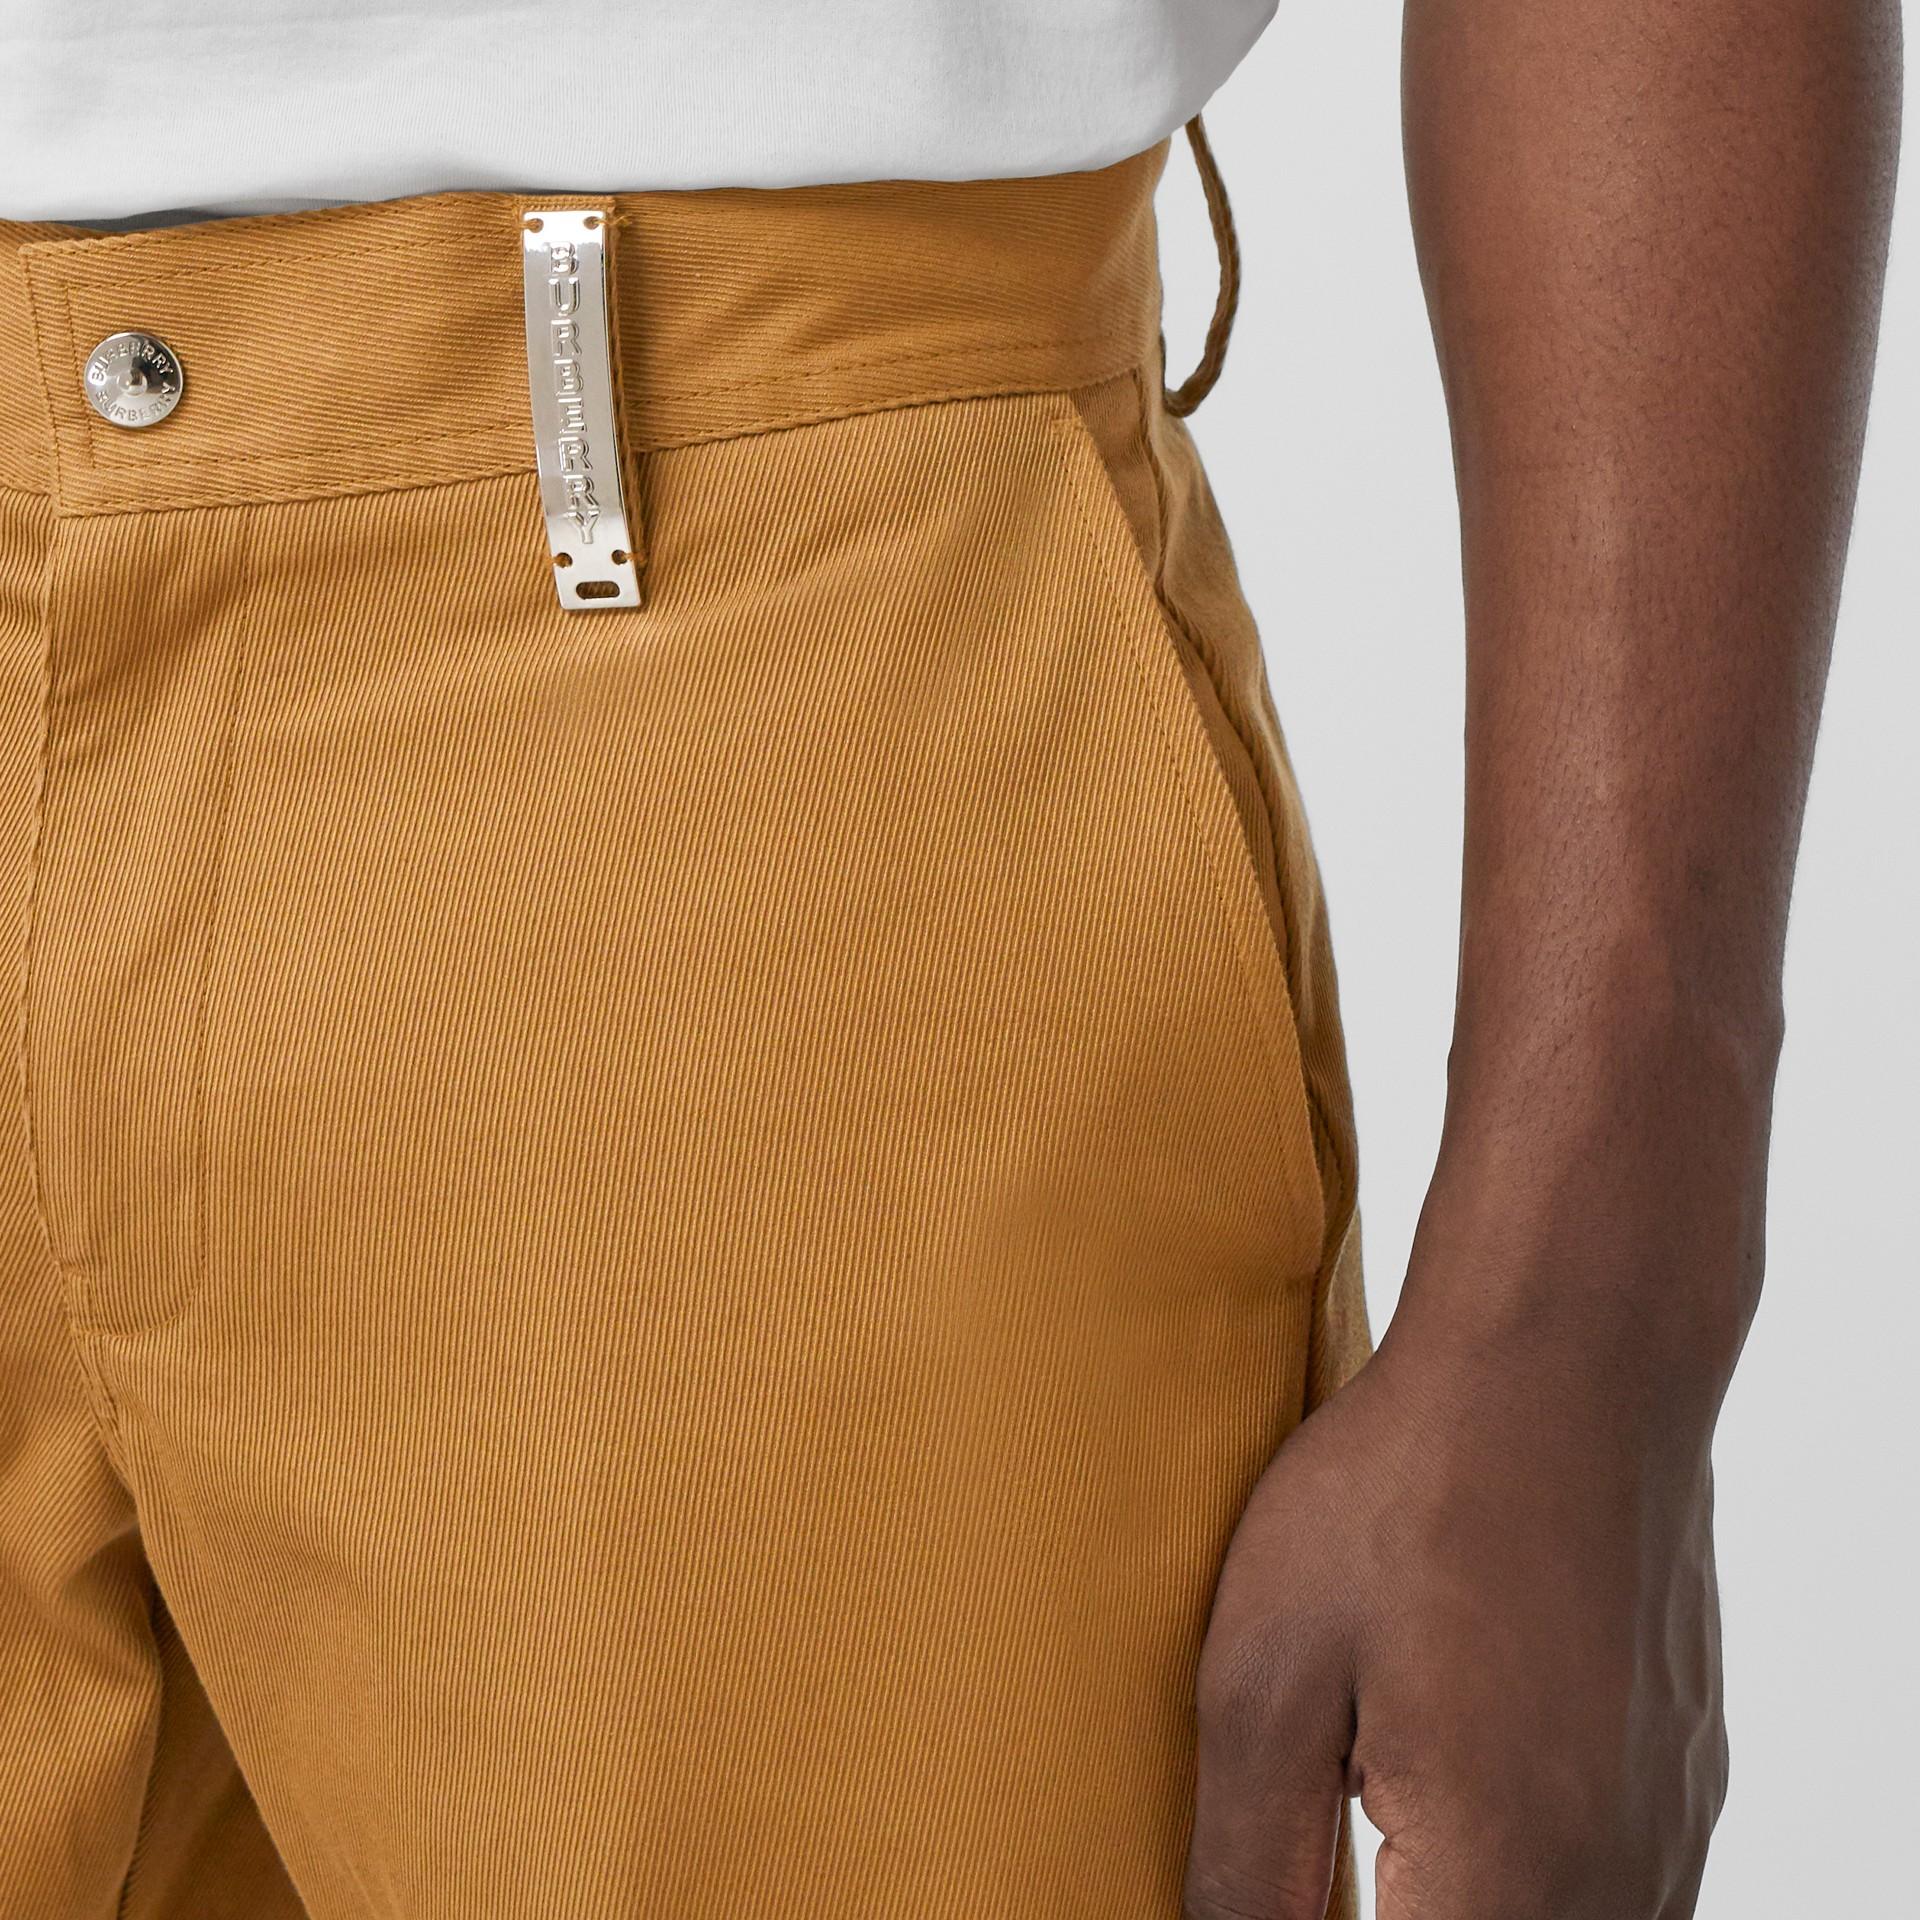 Pantalones chinos rectos en algodón con detalle de logotipo (Cámel) - Hombre | Burberry - imagen de la galería 1